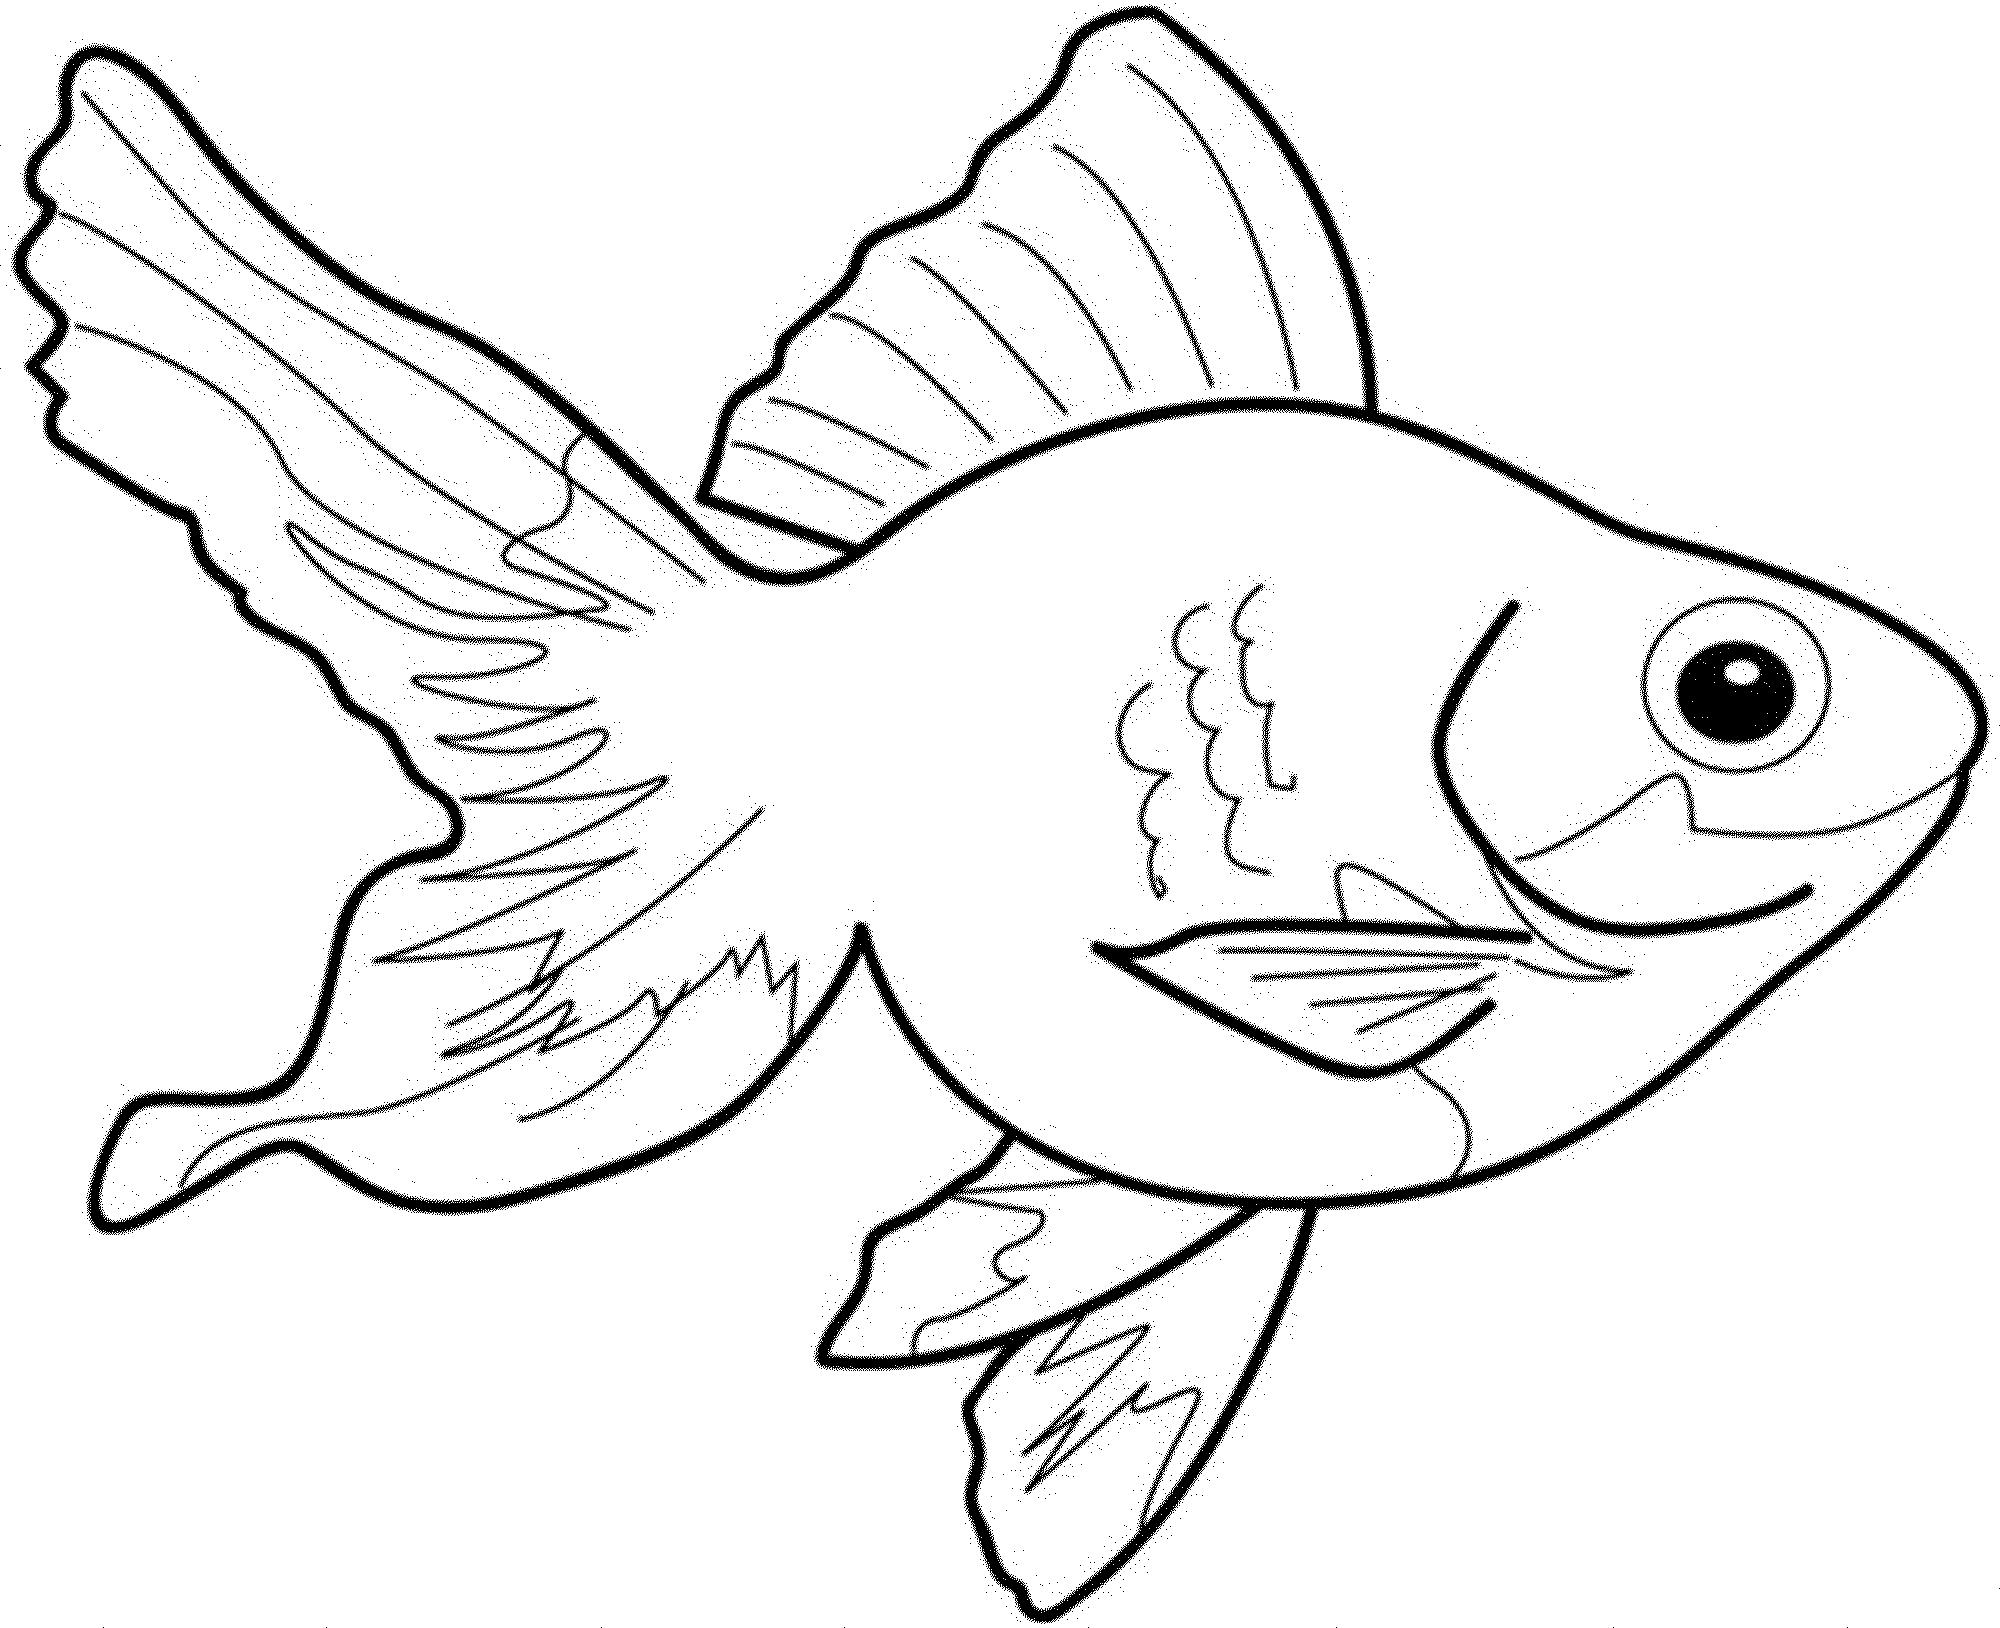 2000x1628 Goldfish Coloring Page Impressive Arilitv Japanese Goldfish